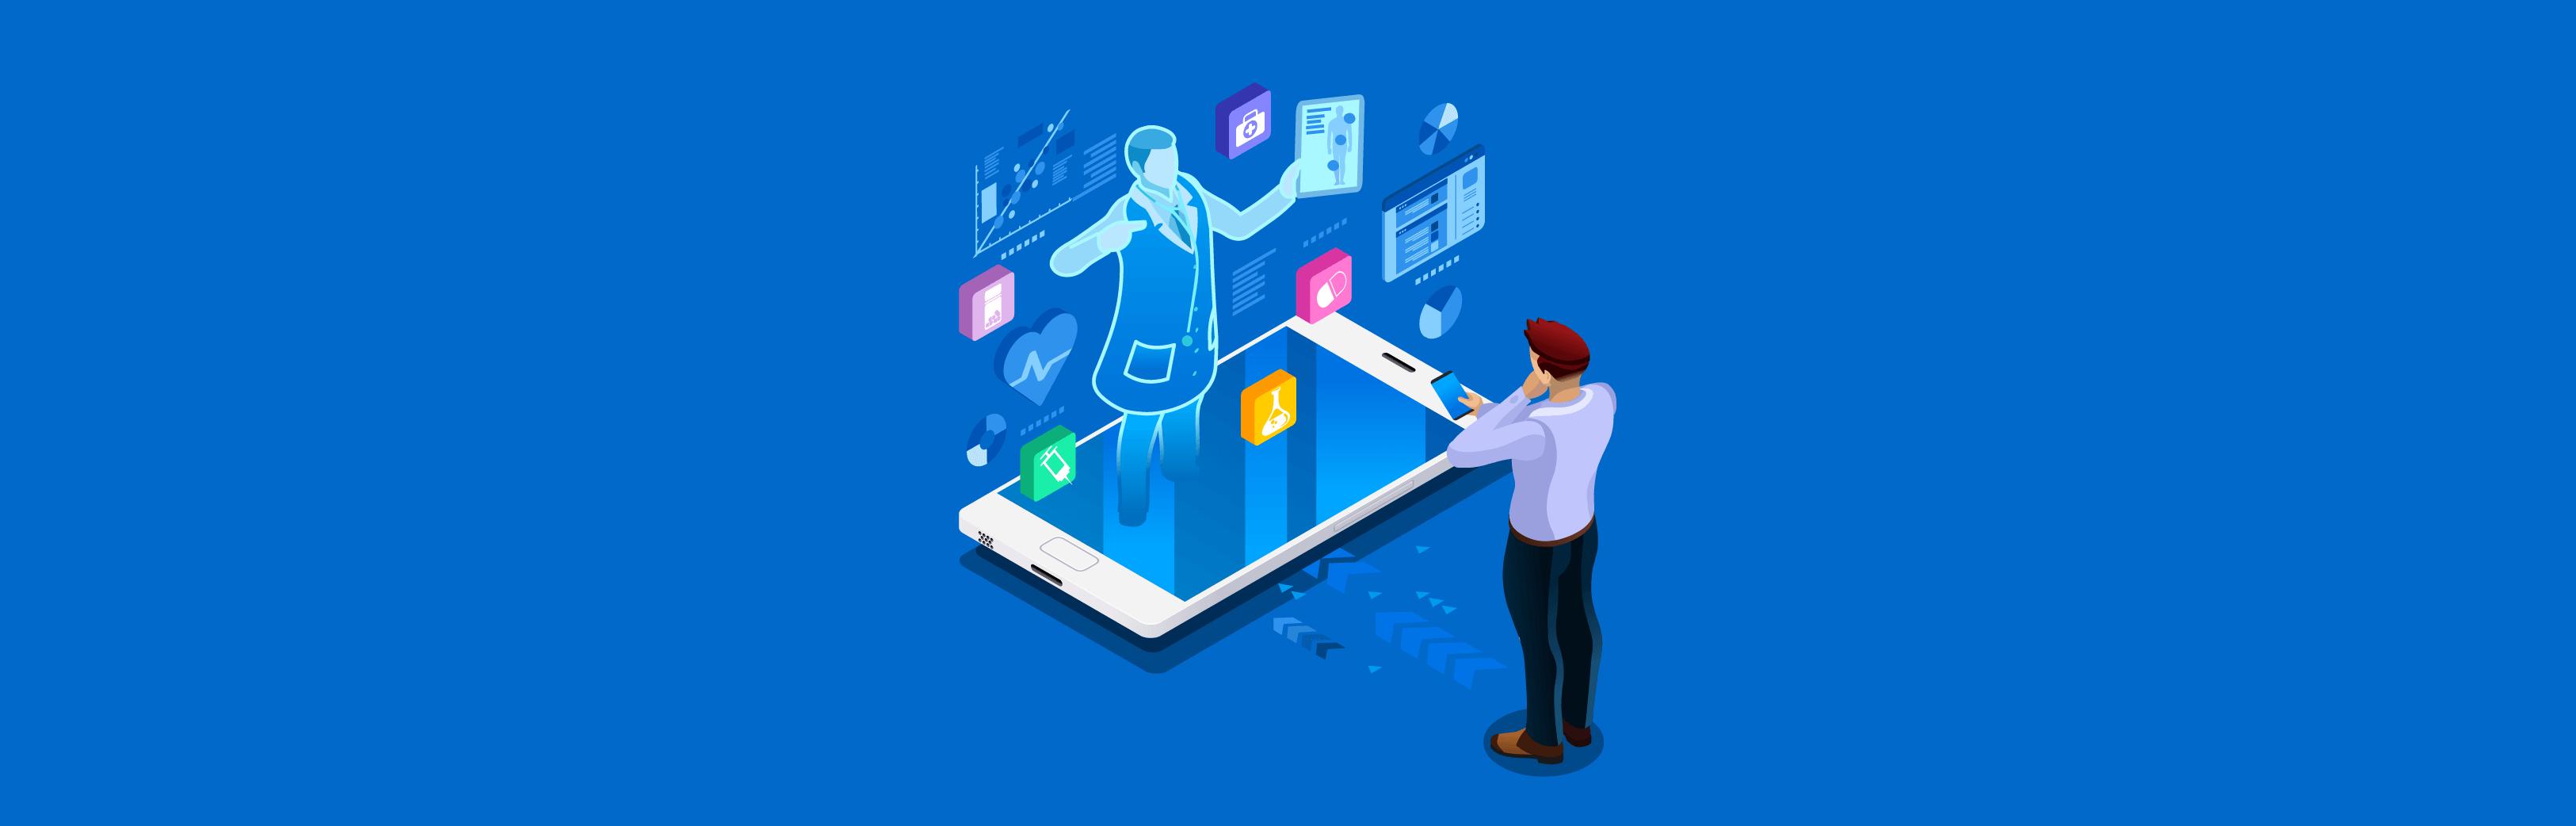 app Innovation